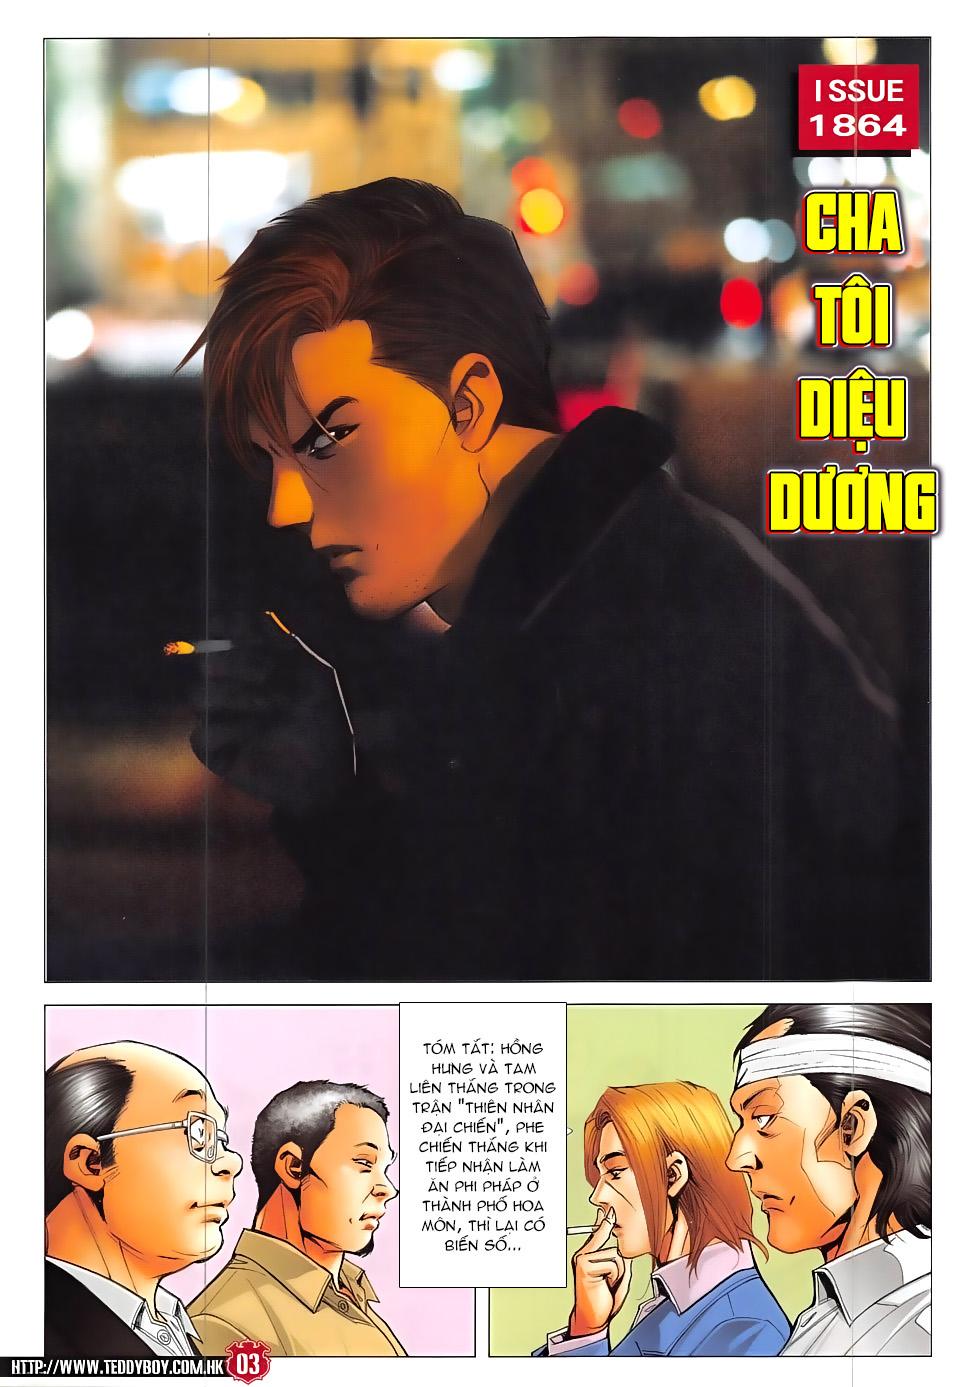 Người Trong Giang Hồ chapter 1864: cha tôi diệu dương trang 2